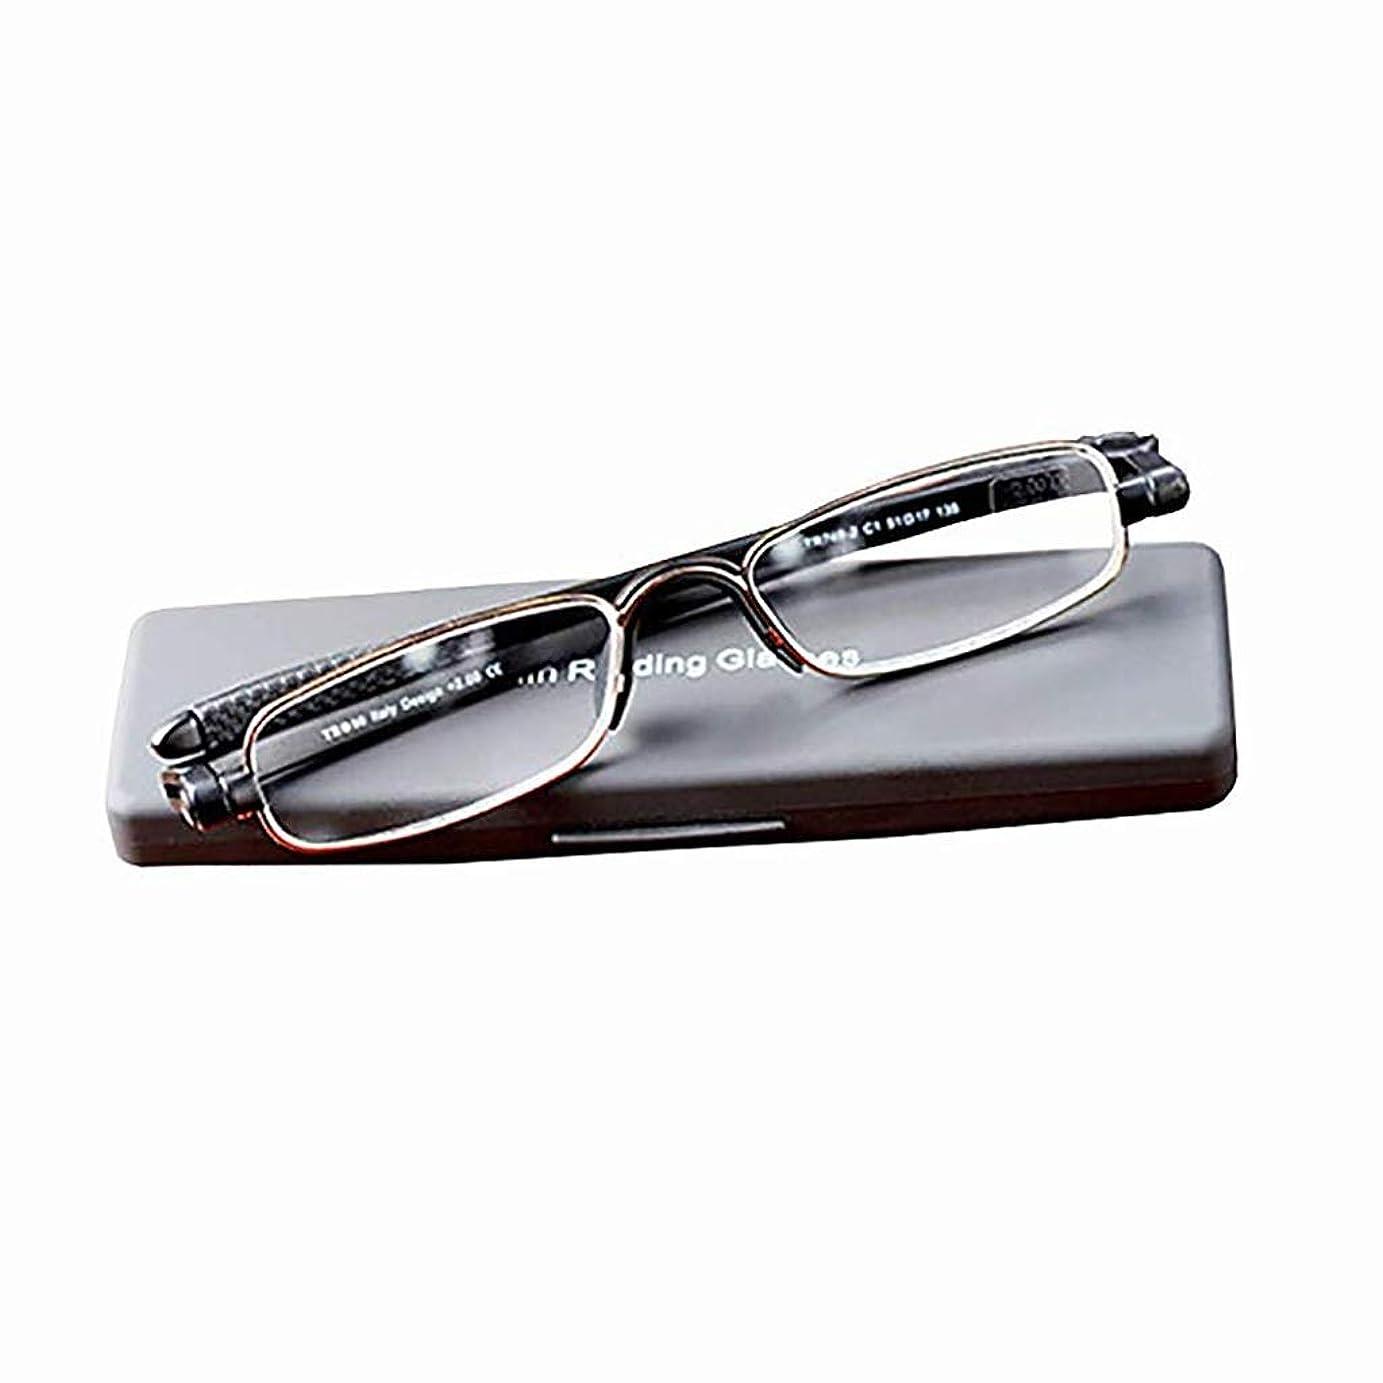 携帯用および流行の金属の老眼鏡、包装が付いている360度の回転HDの樹脂の老眼鏡、読書/読書新聞/TV/移動式/インターネットのために適した 花が咲く (Color : B, Edition : +1.50)